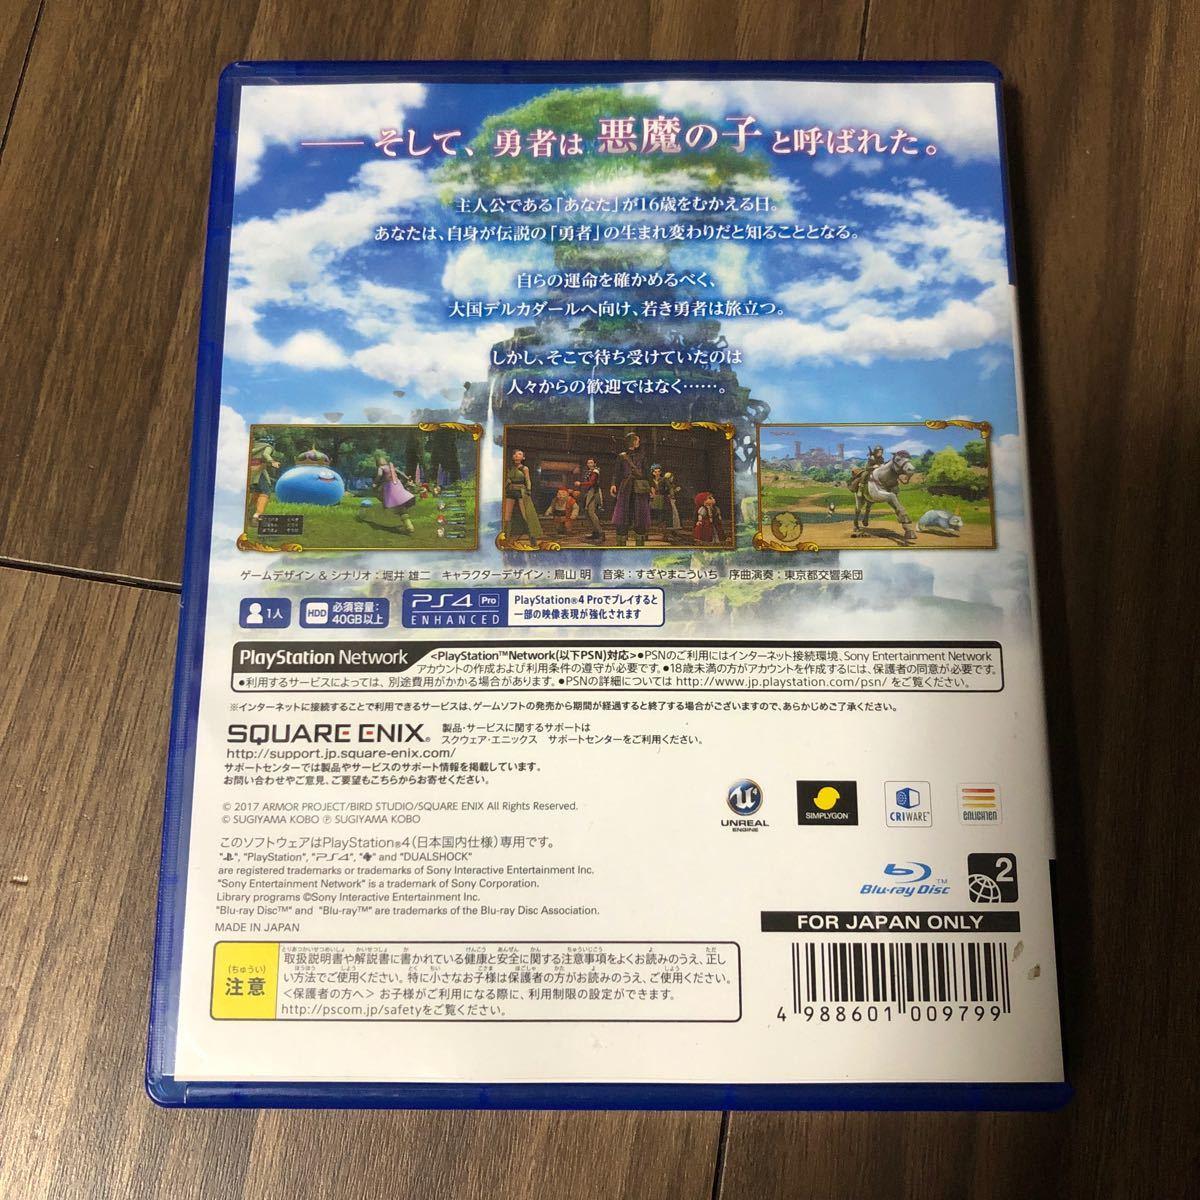 【PS4】 ドラゴンクエストXI 過ぎ去りし時を求めて